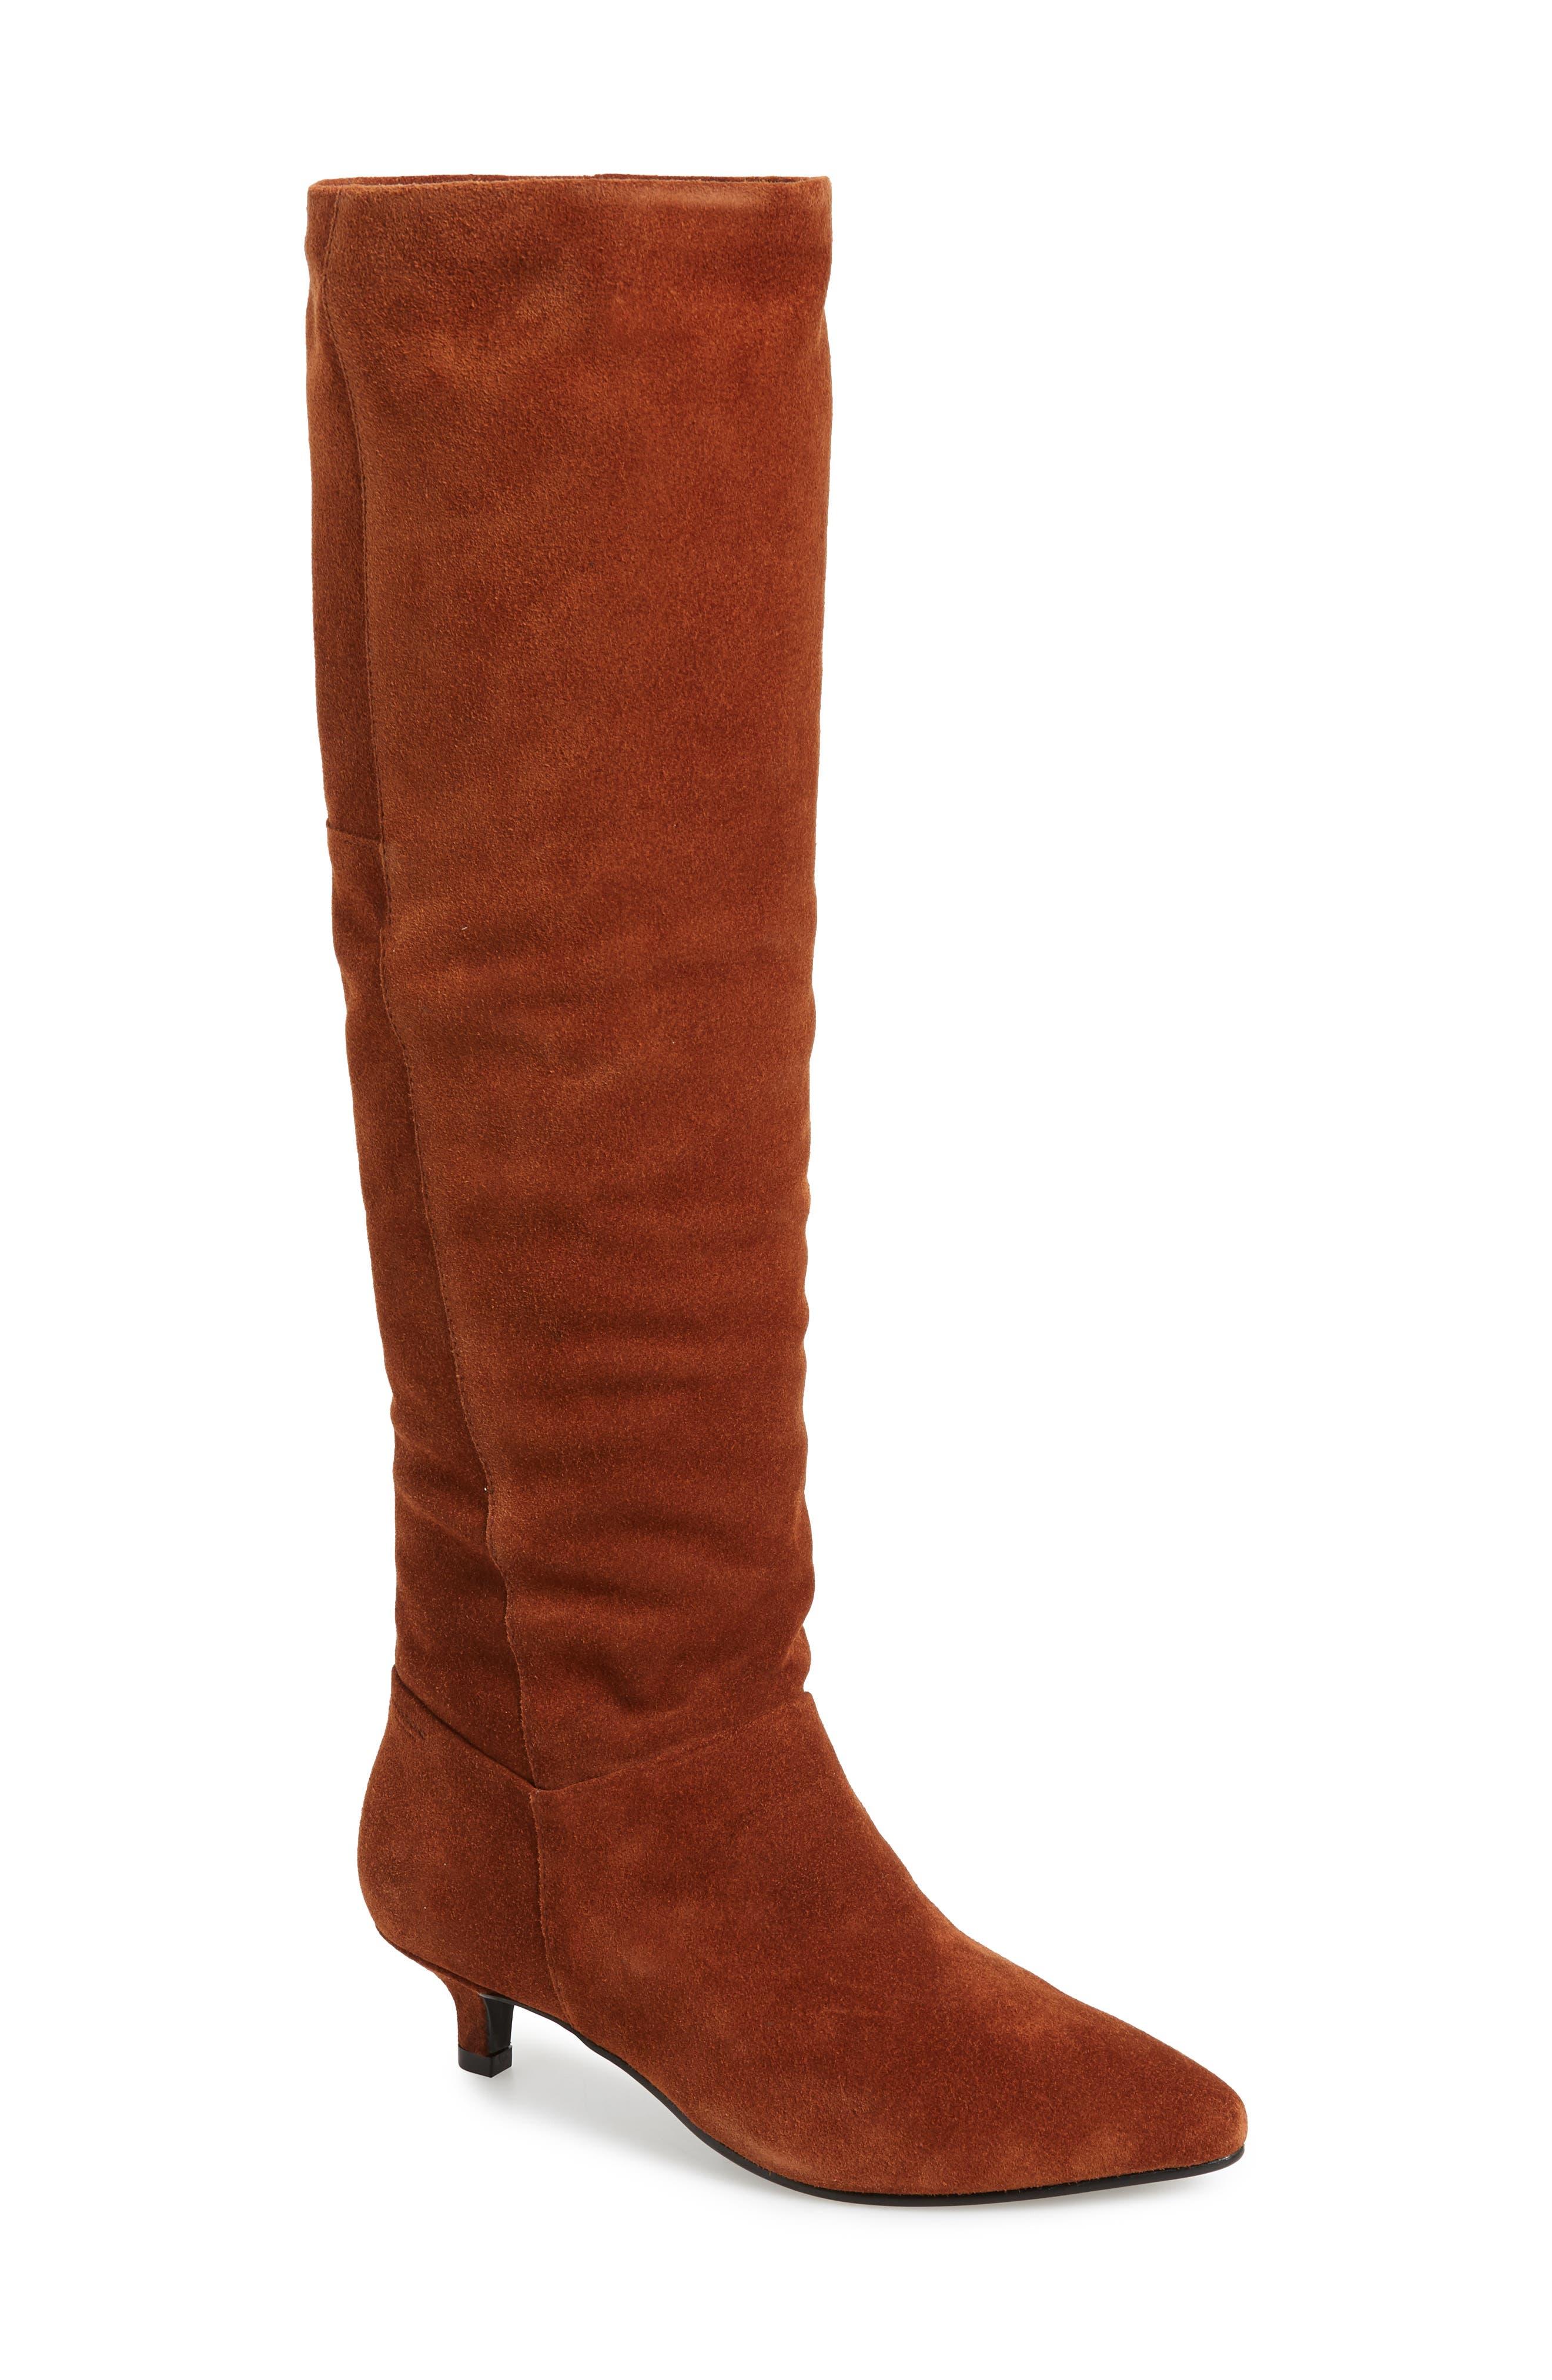 63de392108 Women's Kitten Boots   Nordstrom